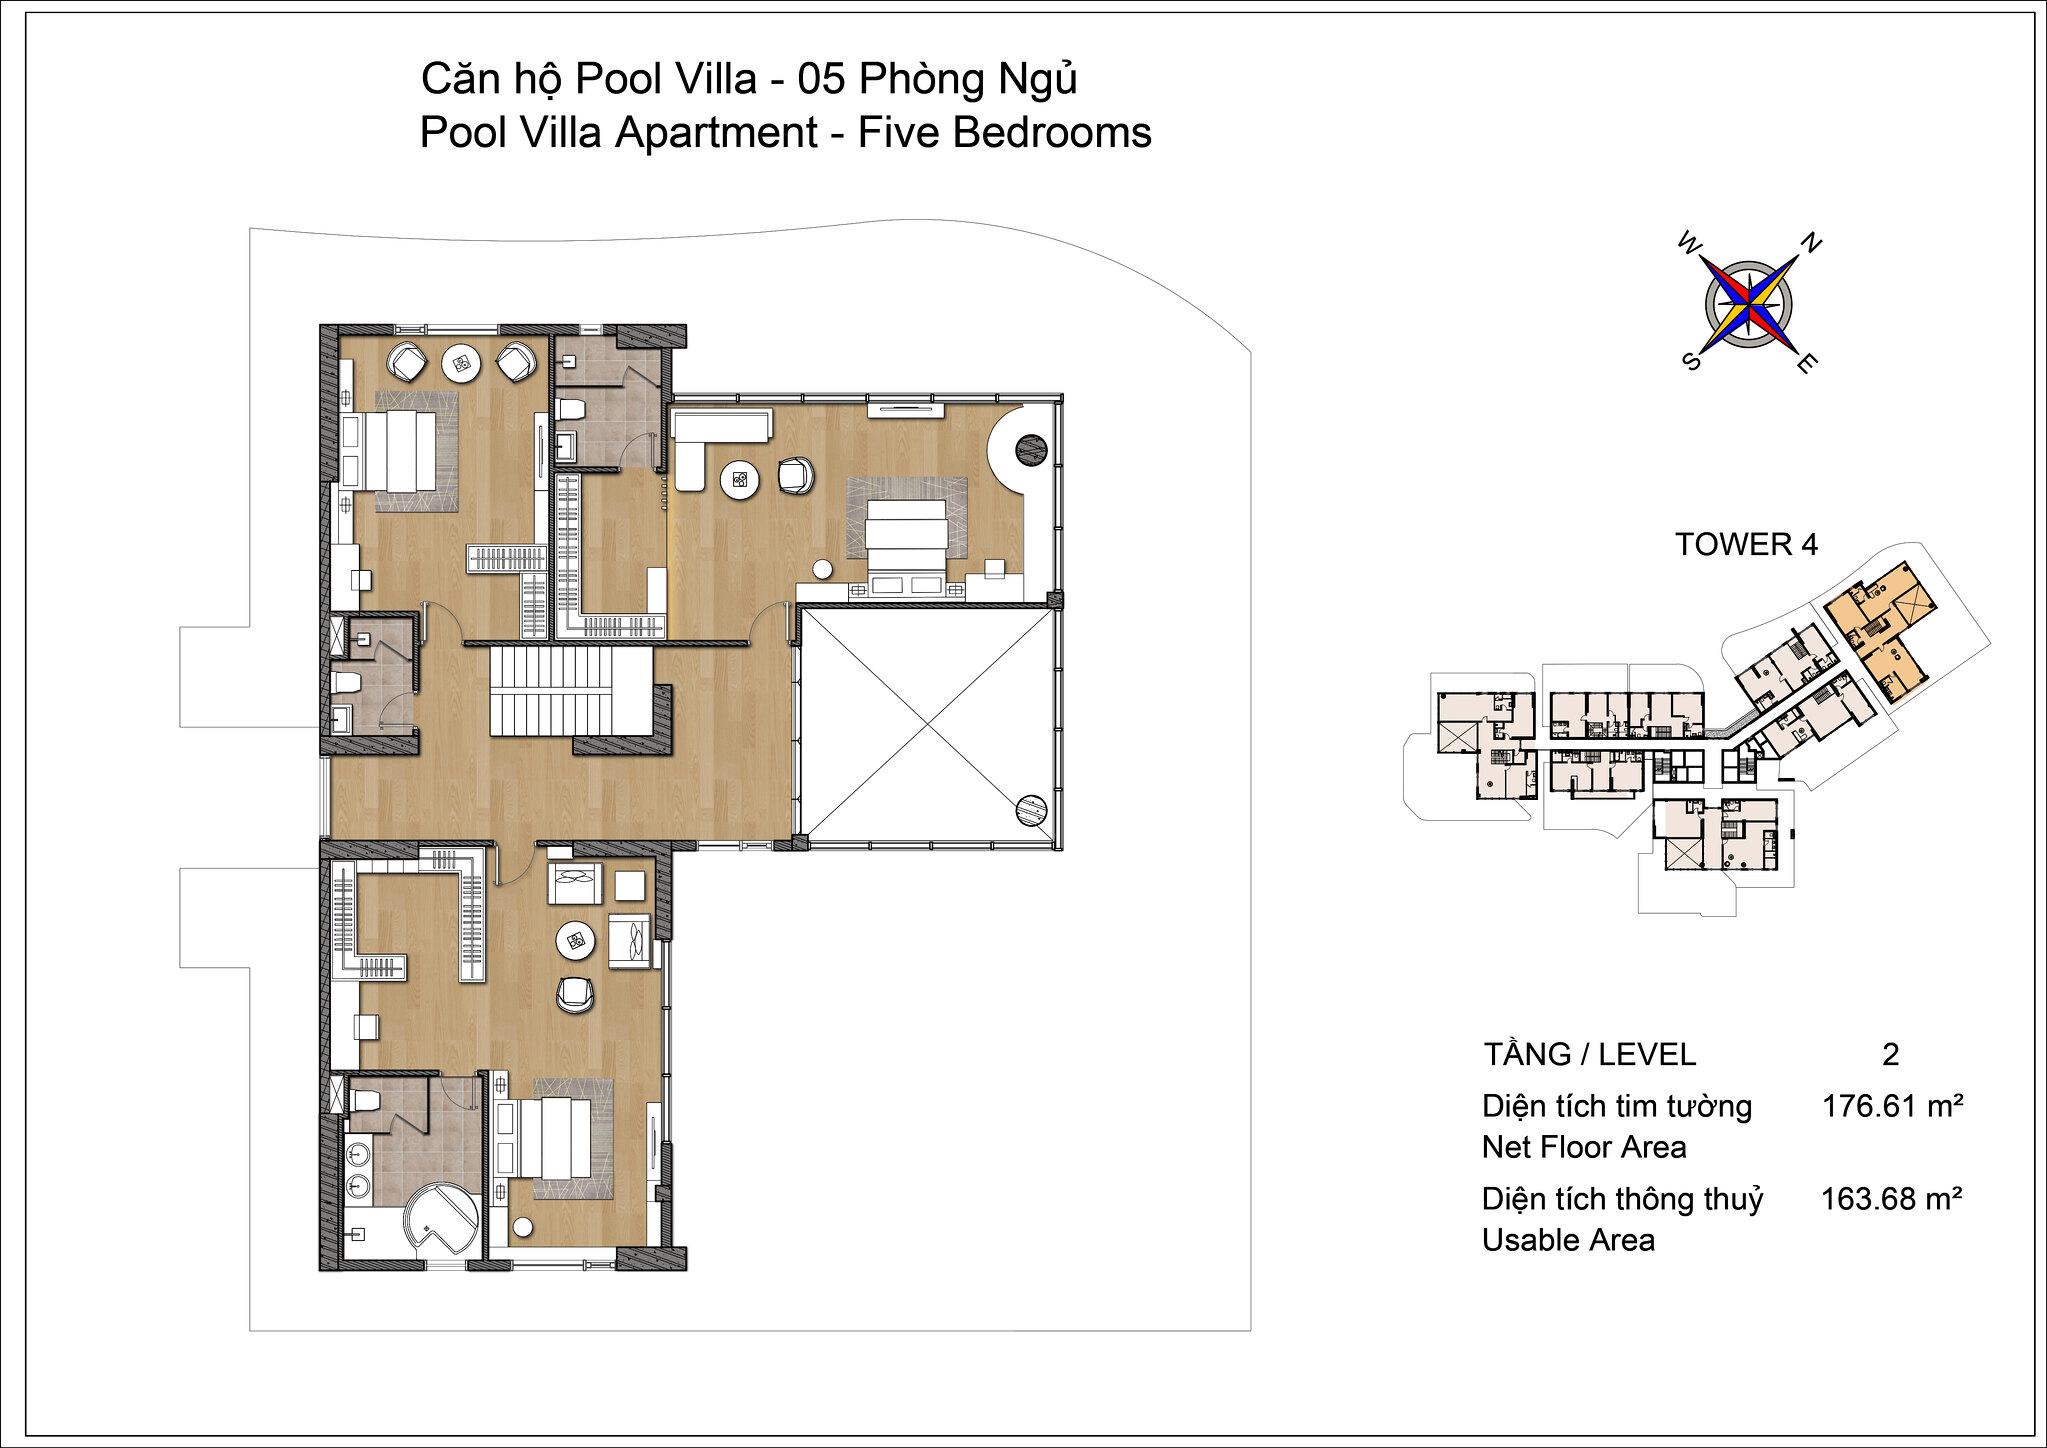 Thiết kế tầng 2 Pool Villa Đảo Kim Cương